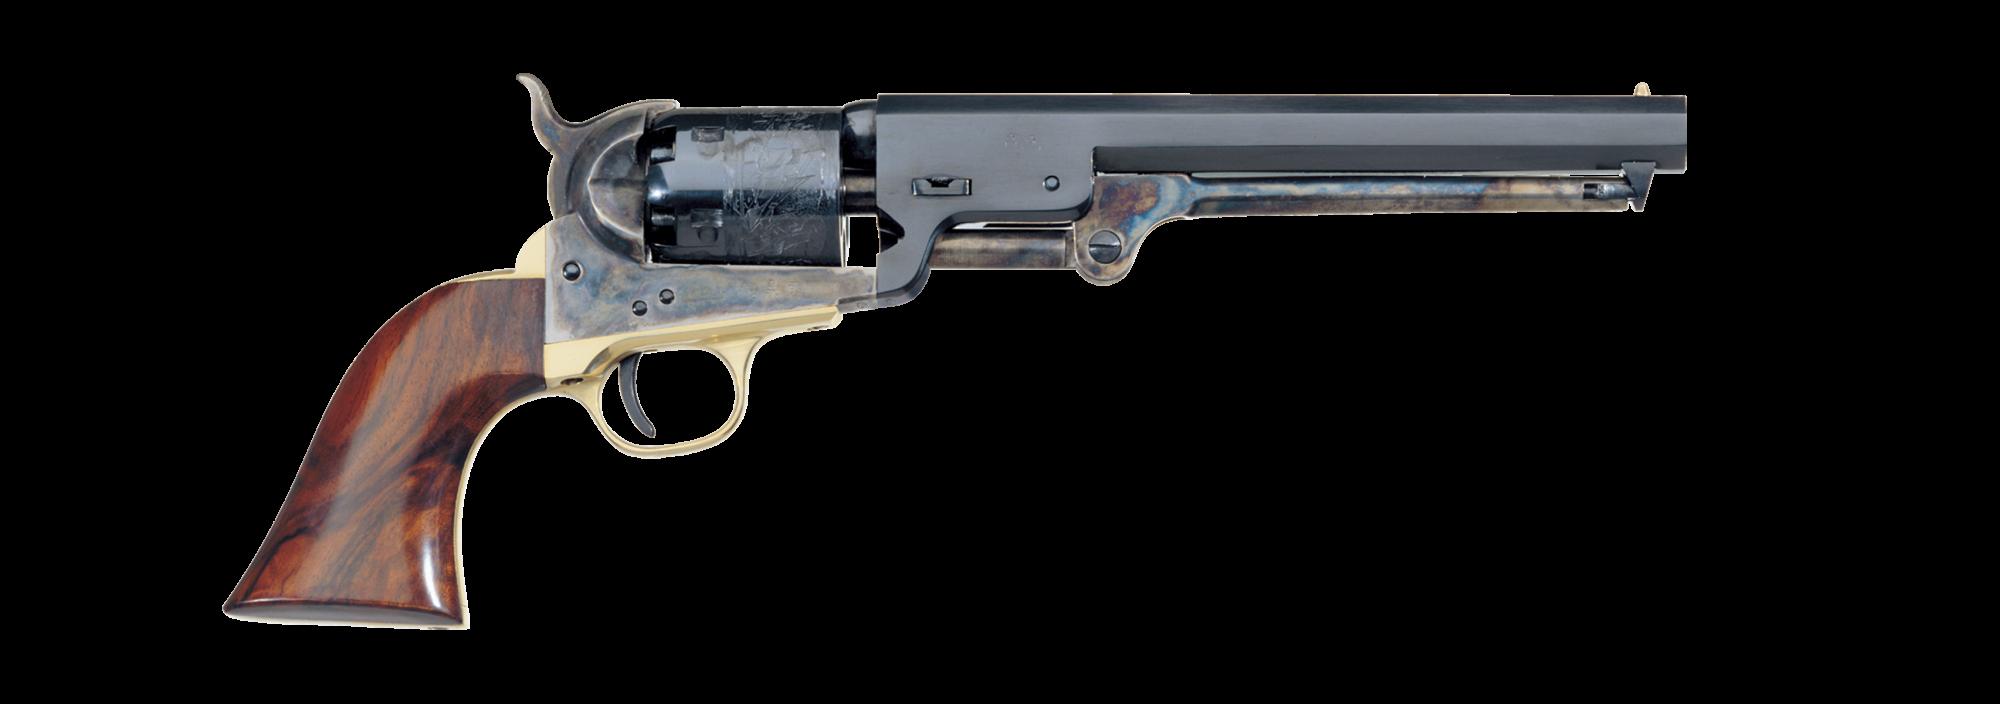 1851-navy-revolver